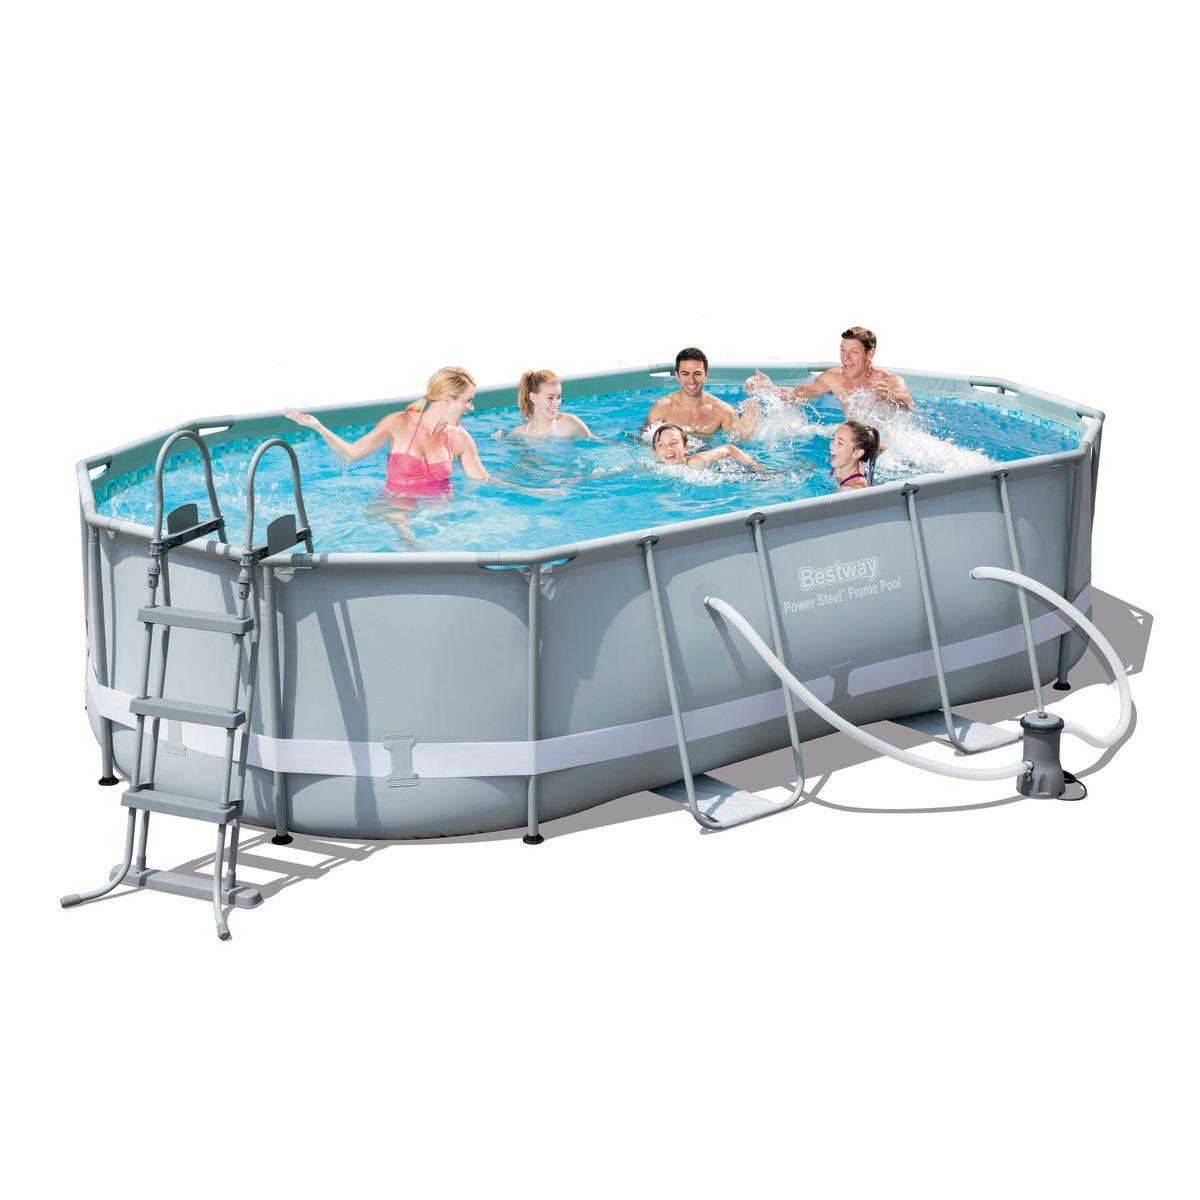 Duchas piscina leroy merlin elegant vertical with duchas for Piscinas tubulares leroy merlin